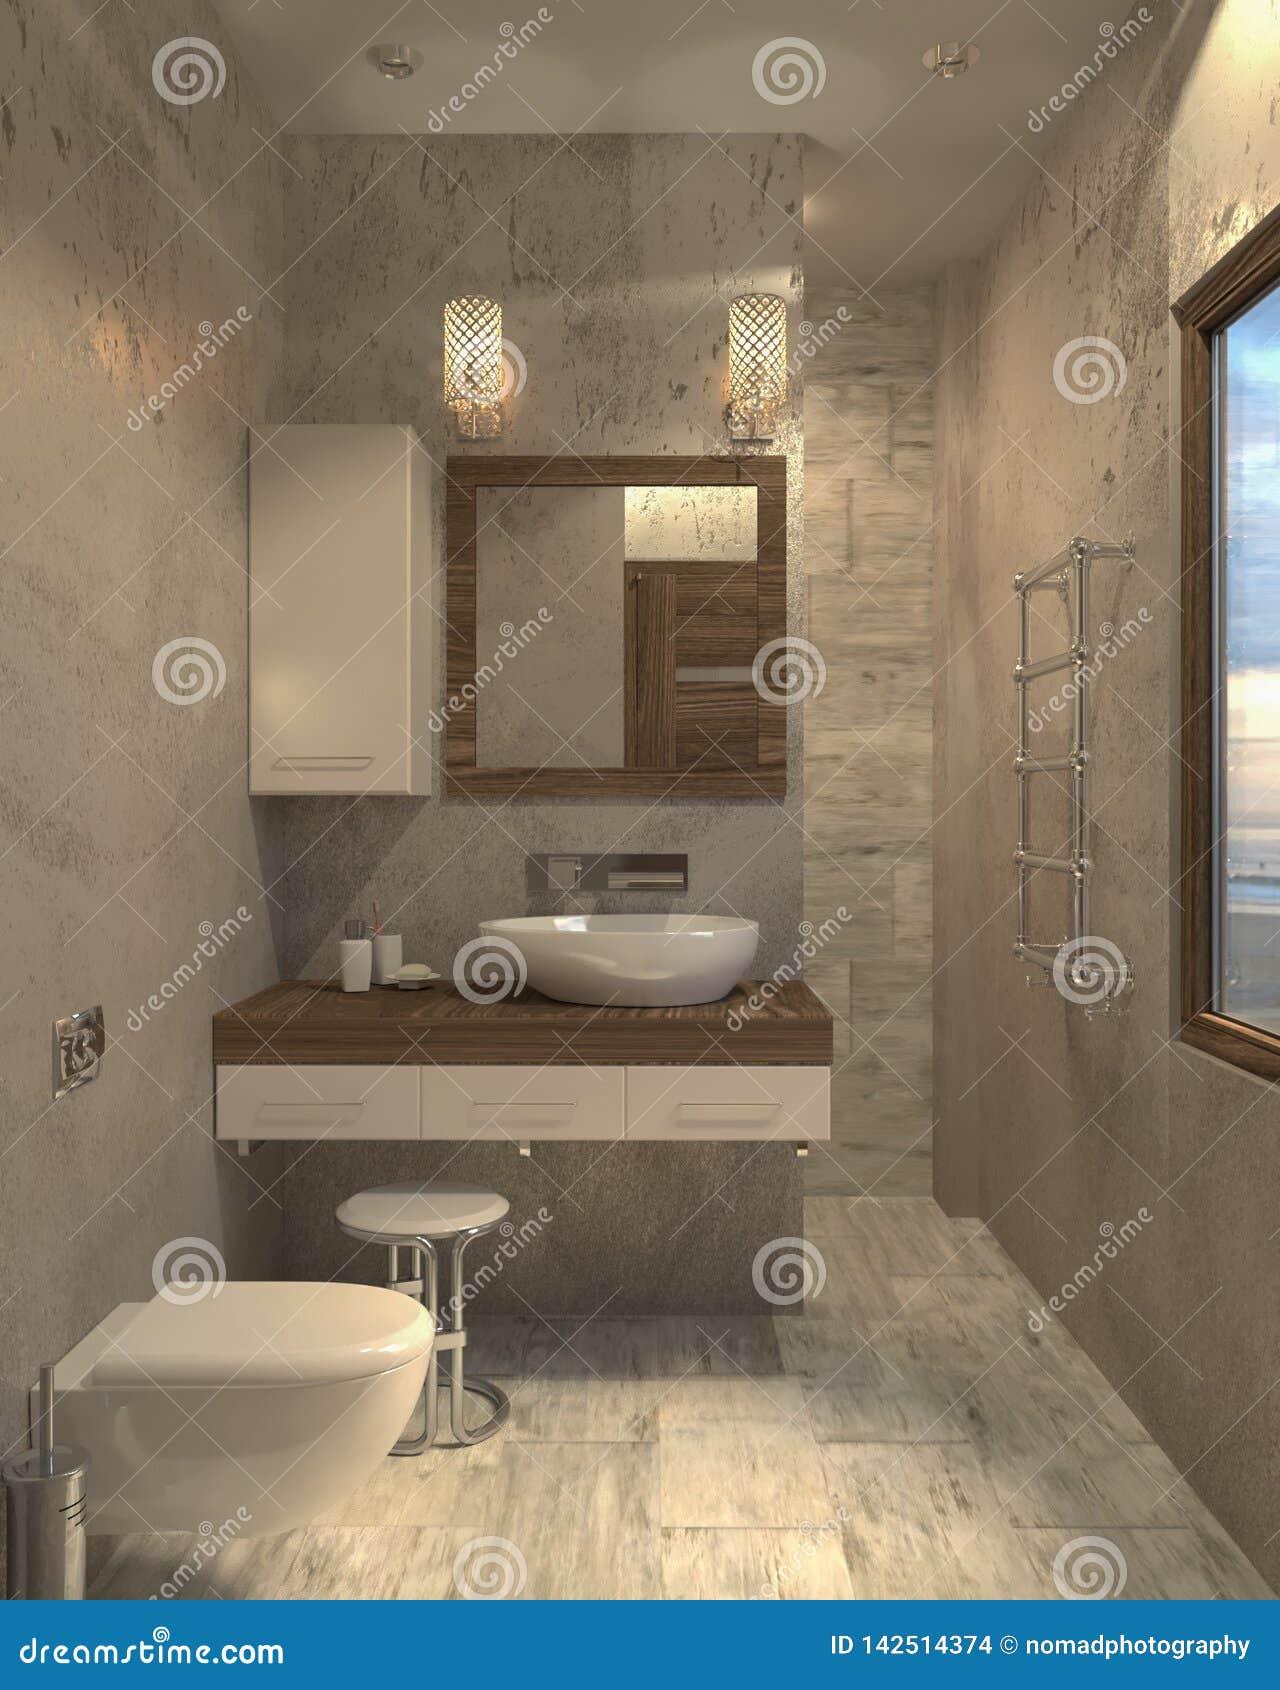 Unbedeutendes modernes Innenbadezimmer des Badezimmers 3d